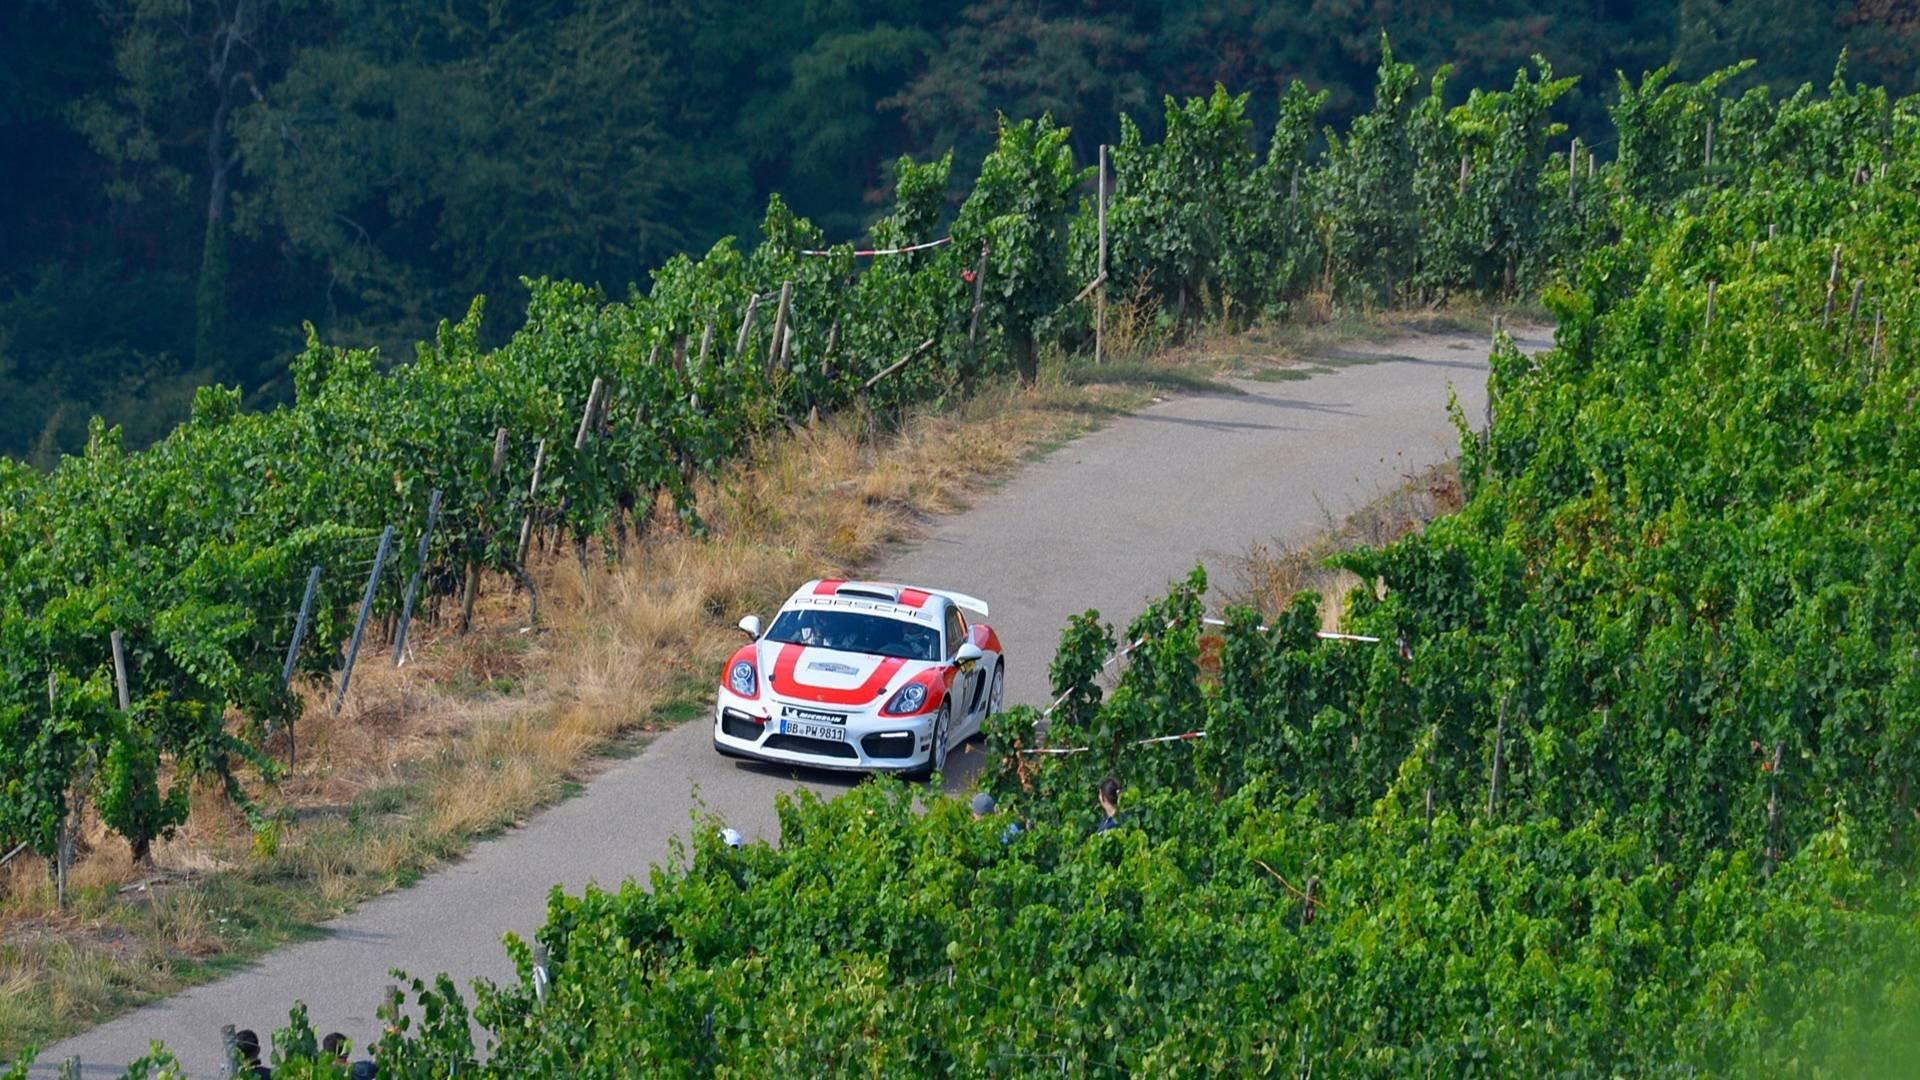 Раллийный Порше Cayman GT4 Clubsport Rally прошел этап WRC